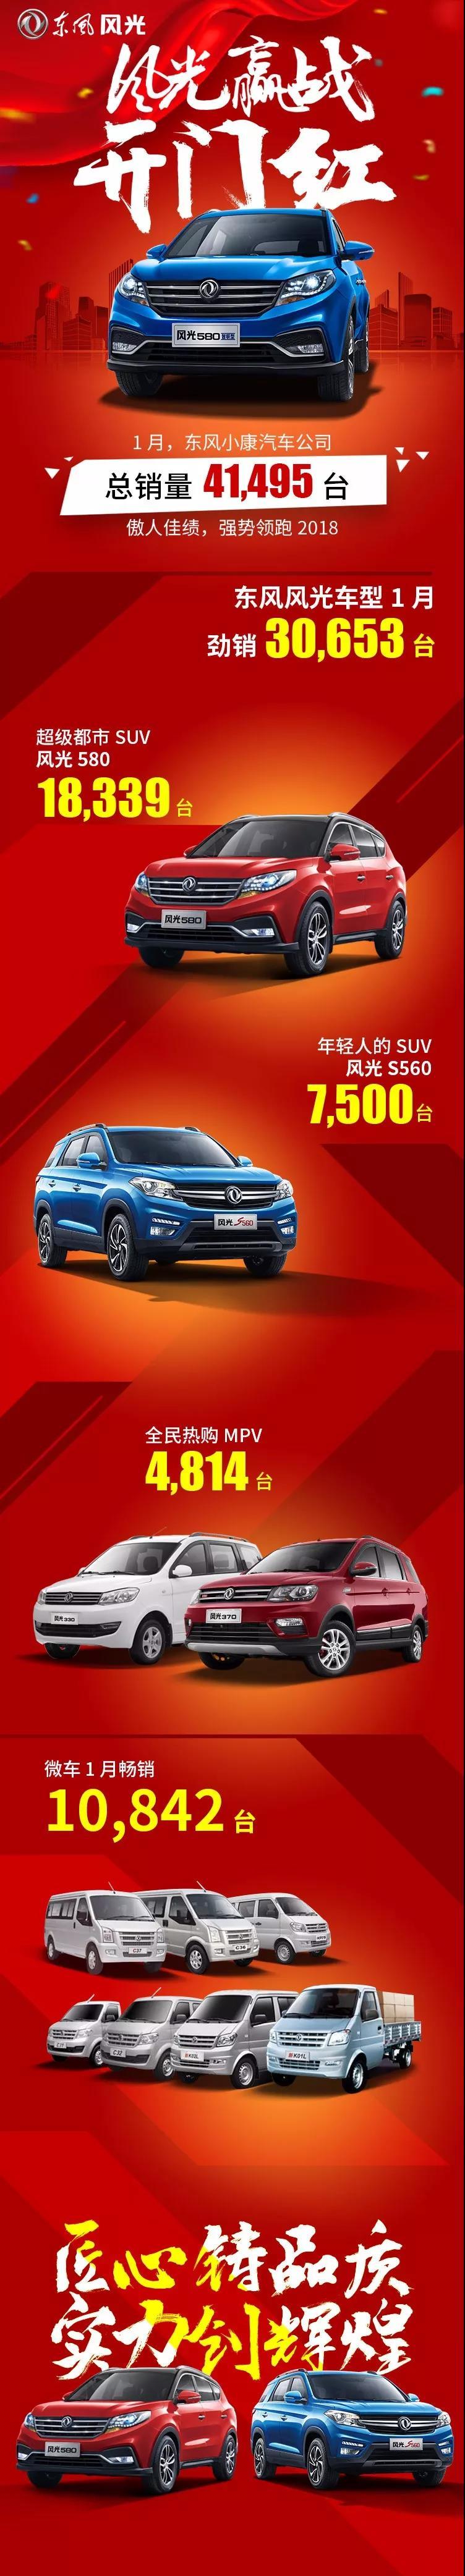 东风小康迎来开门红 1月总销量达41495台